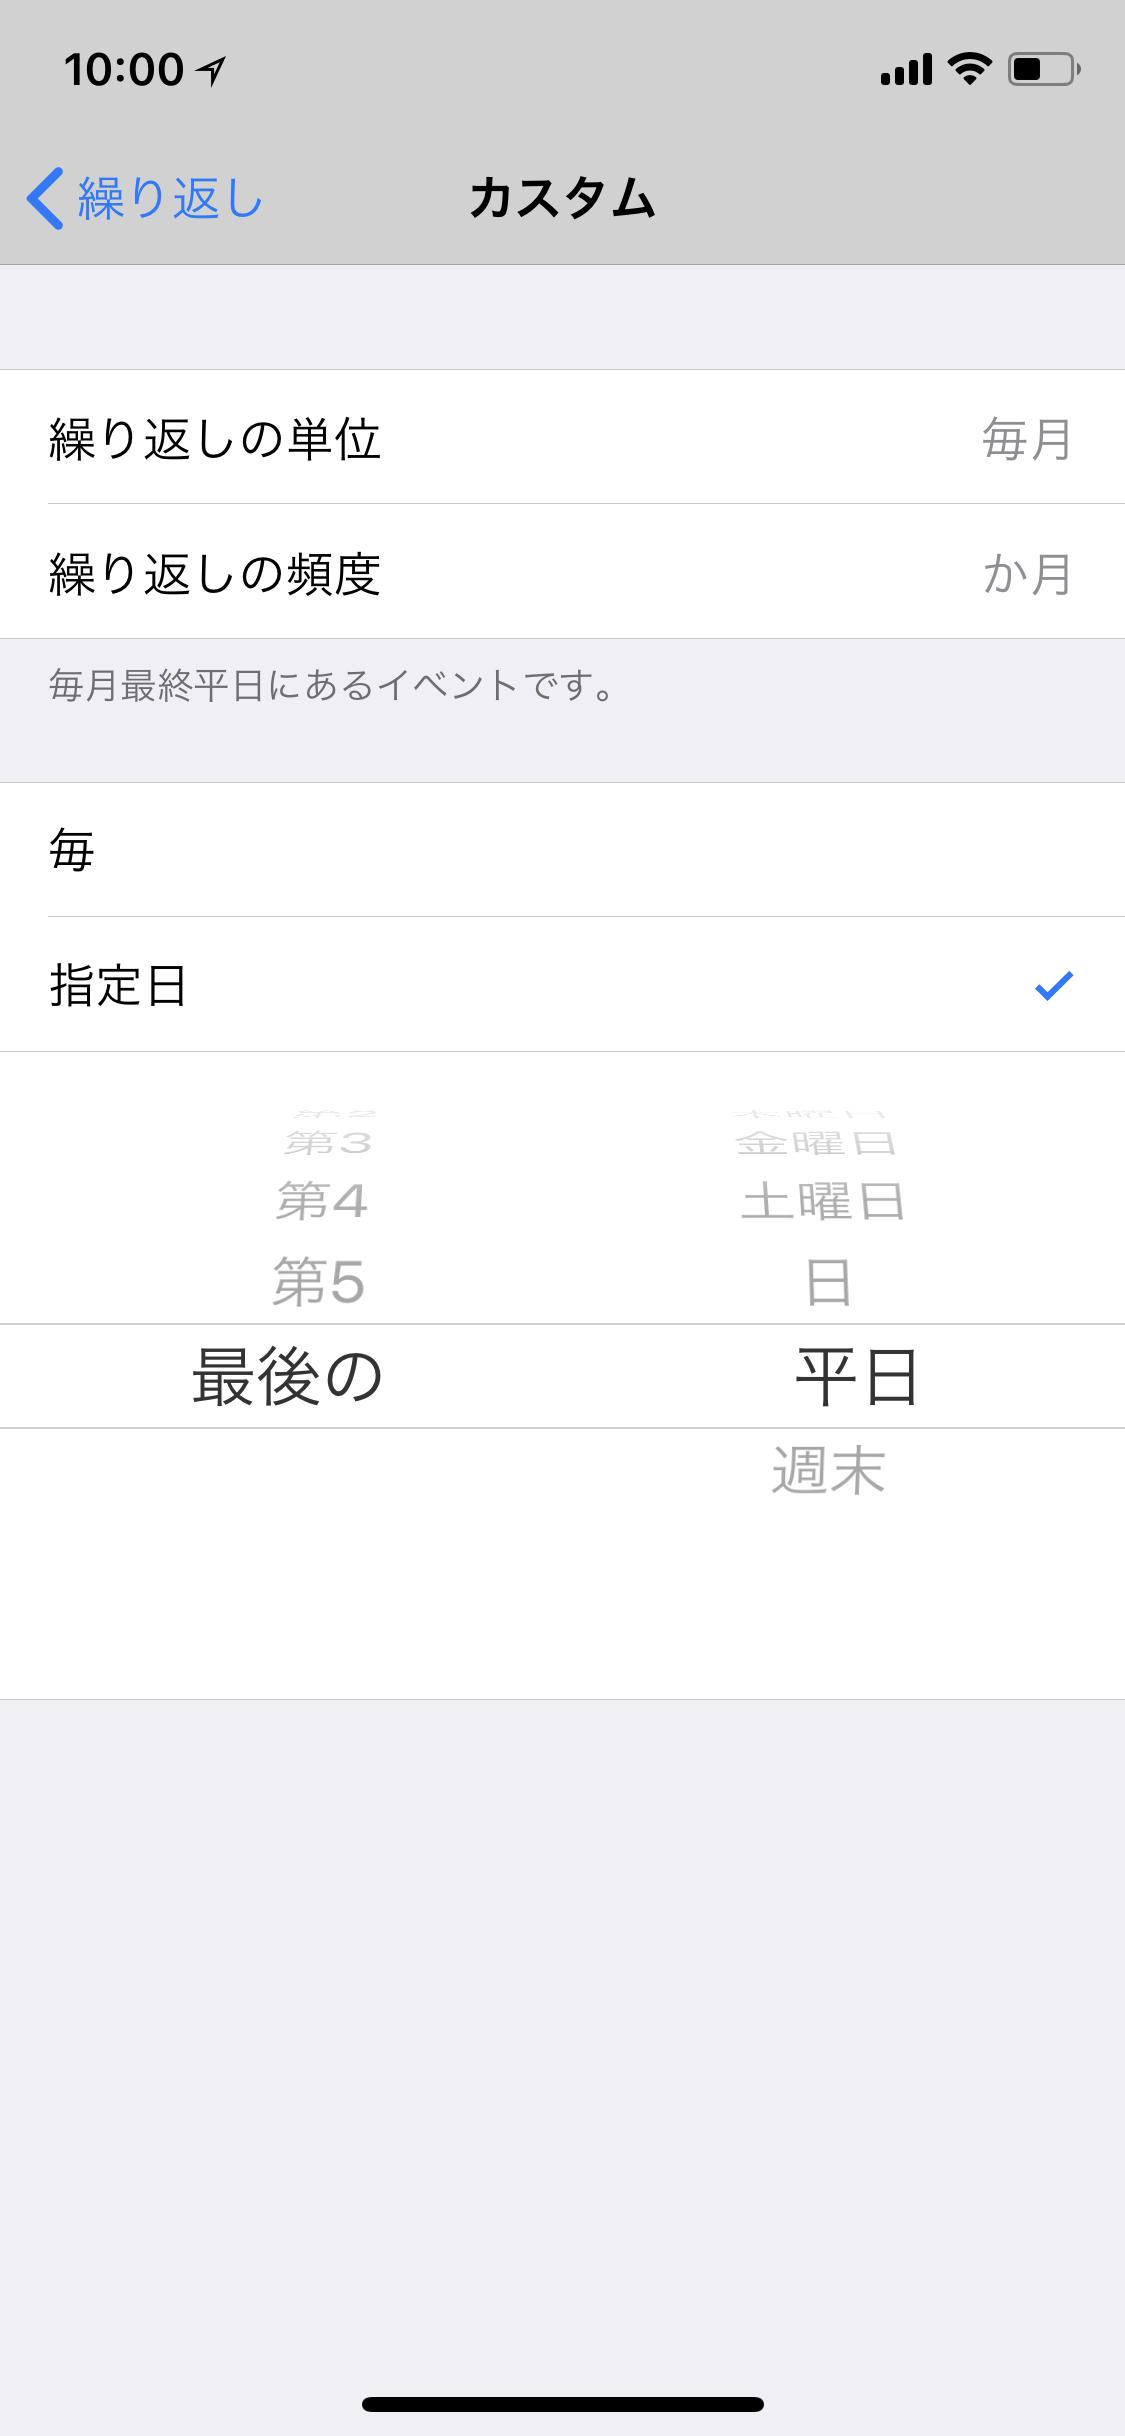 iPhone操作画面「カスタム」